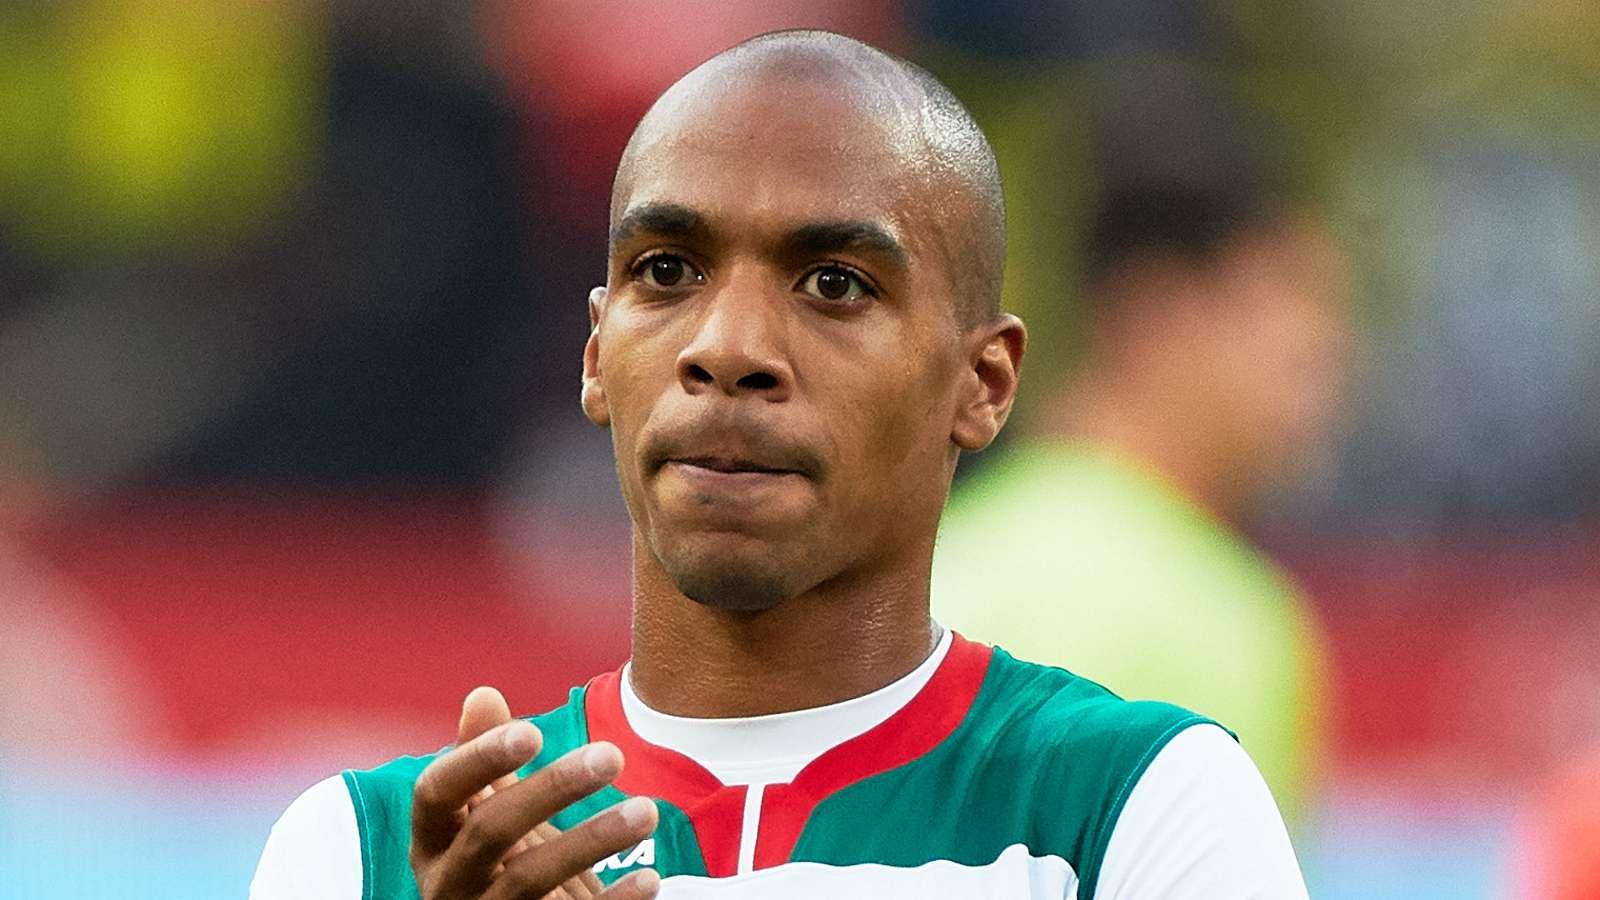 球报:国米可能与葡萄牙体育交换马里奥和阿库尼亚